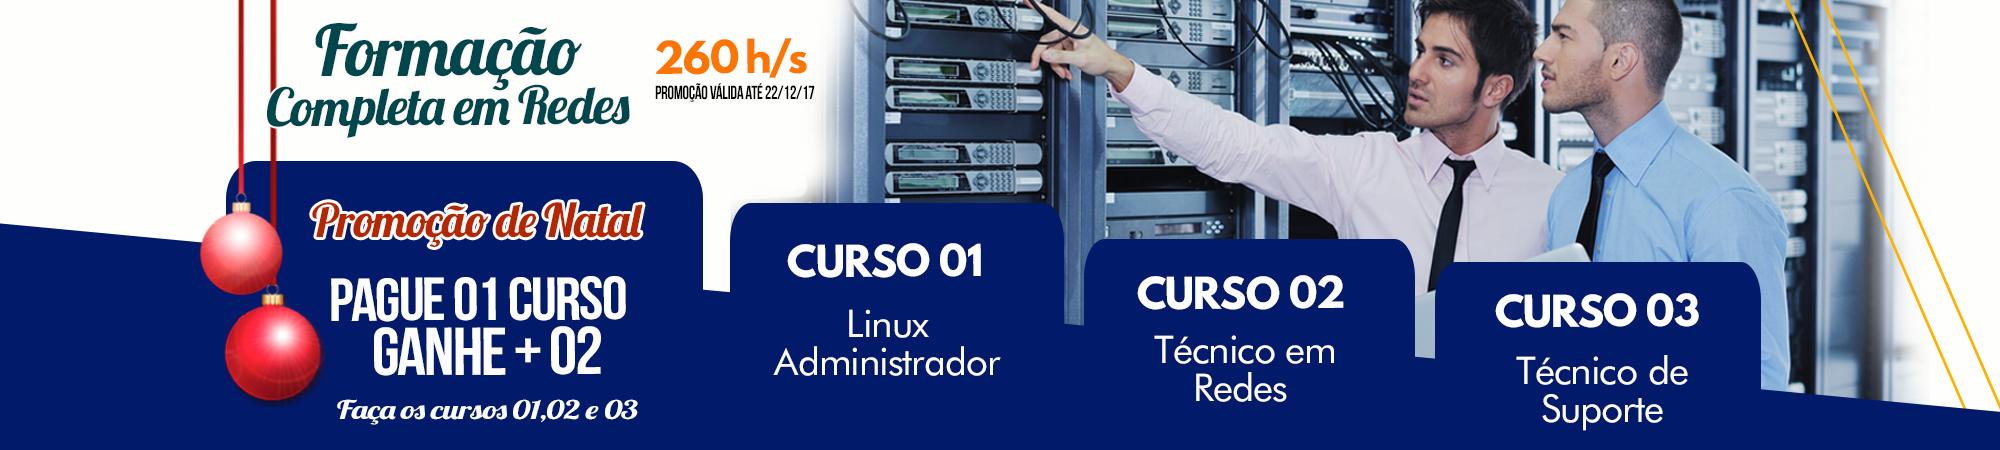 curso técnico em redes curso técnico de suporte curso Linux Adm